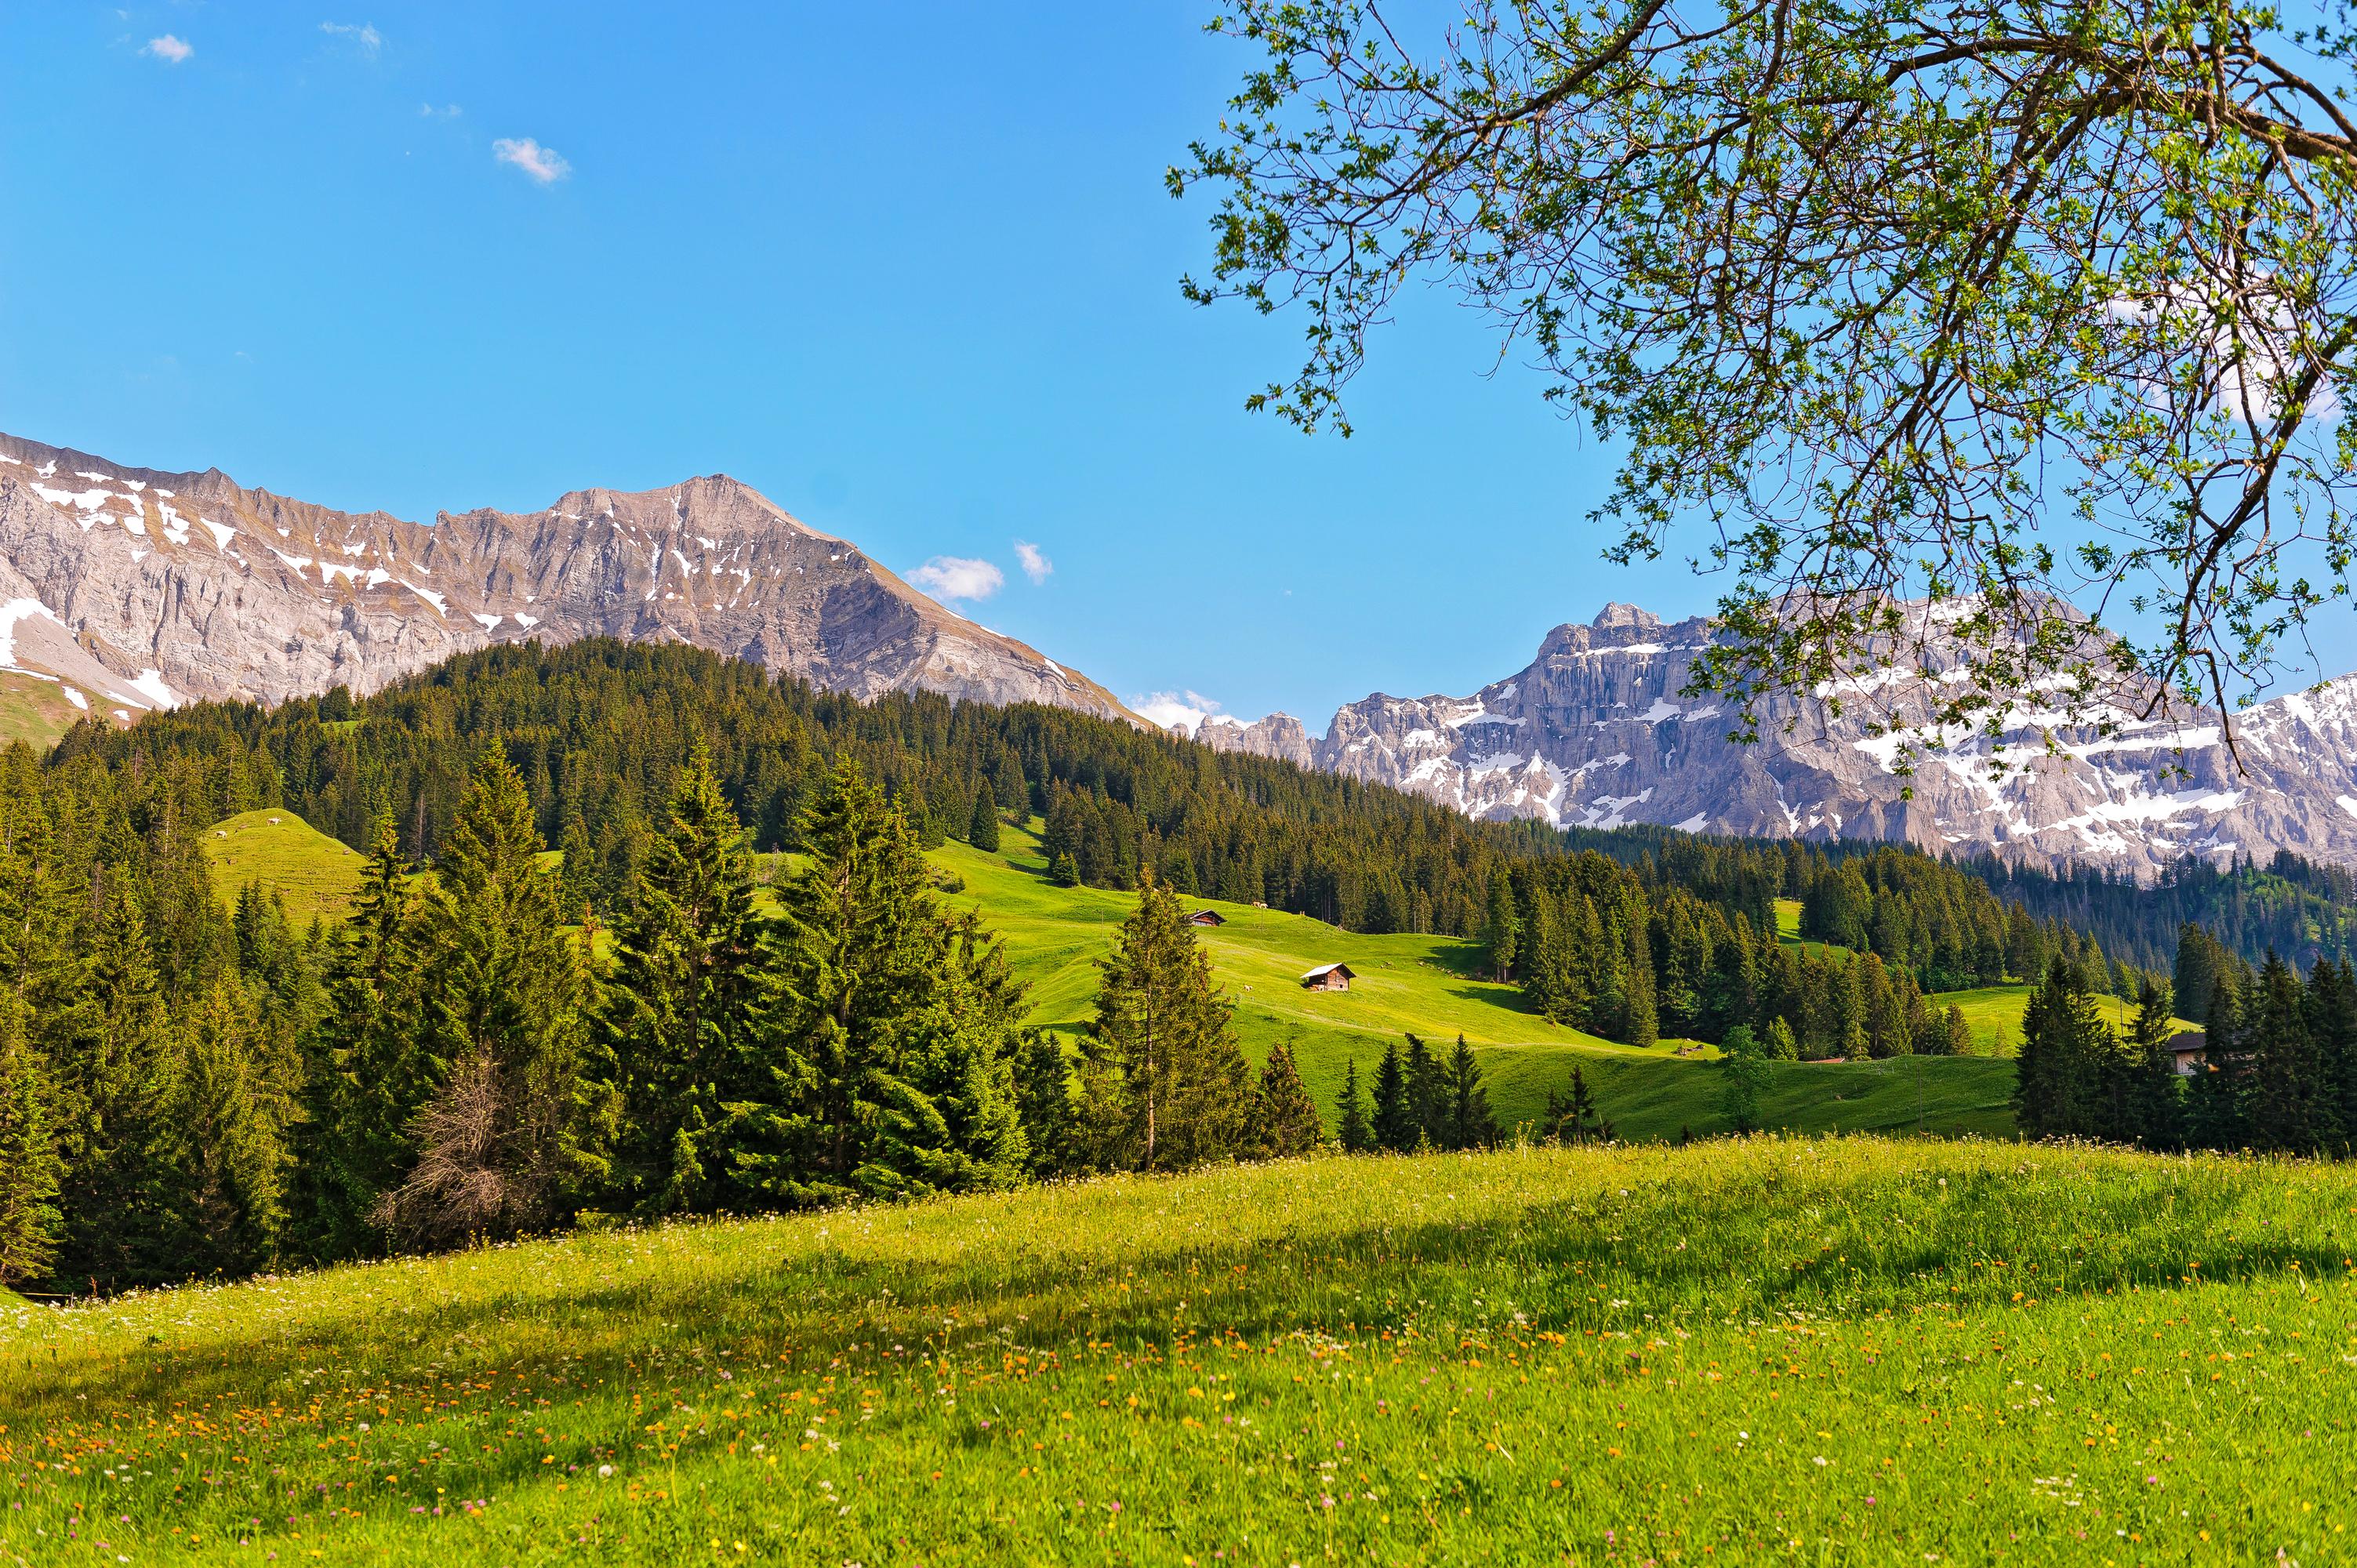 горы, ели, цветочная поляна без смс